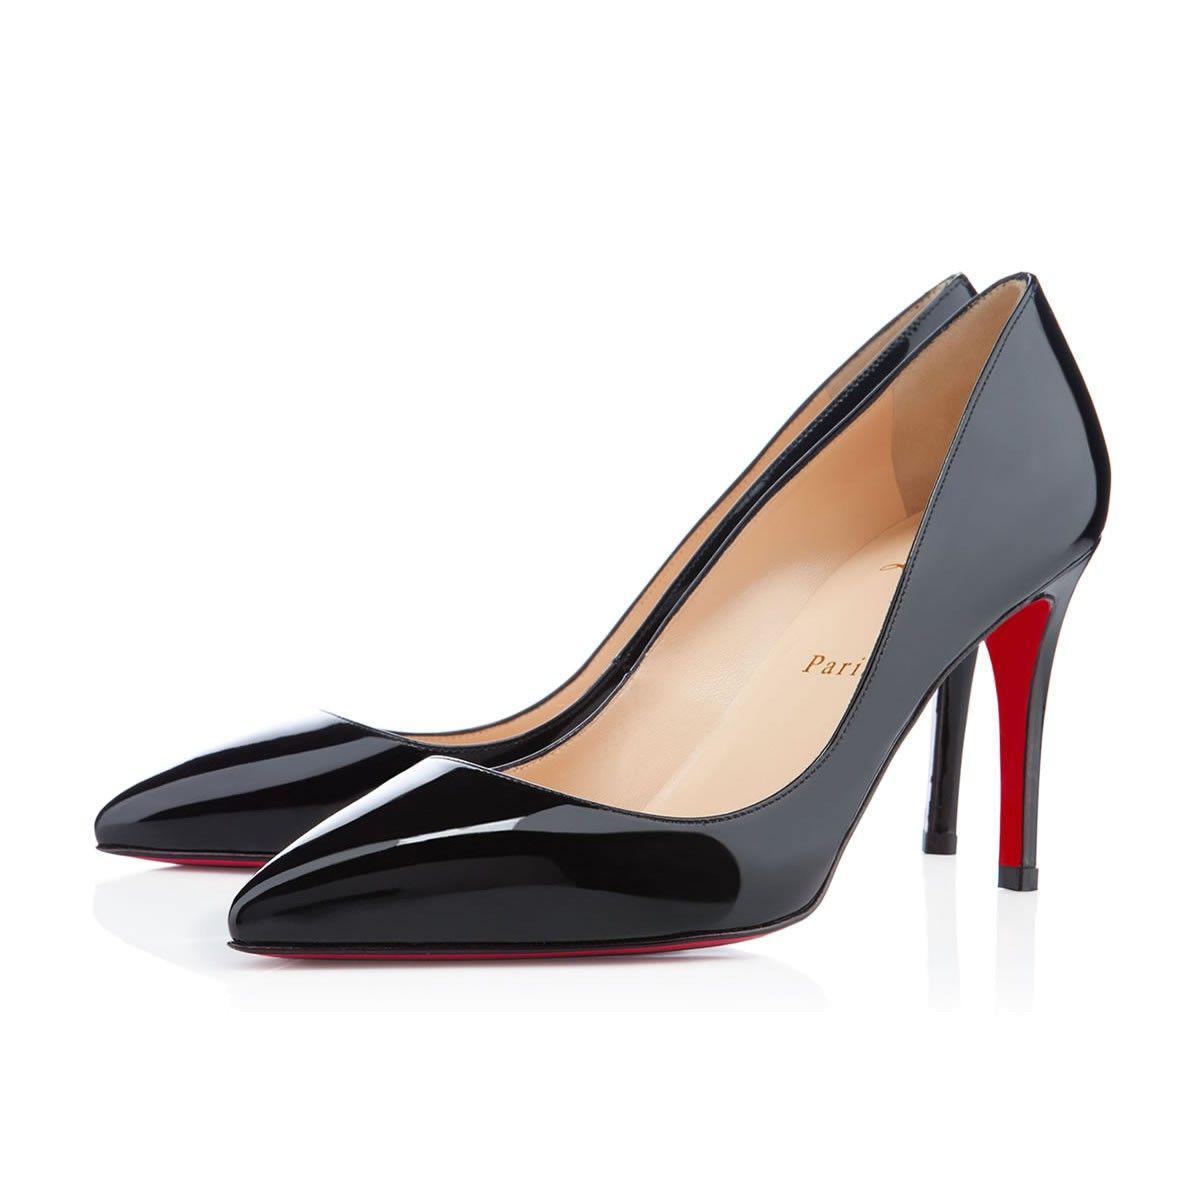 design de qualité fdace 52aa1 Shoes - Pigalle - Christian Louboutin | o l i v i a ...